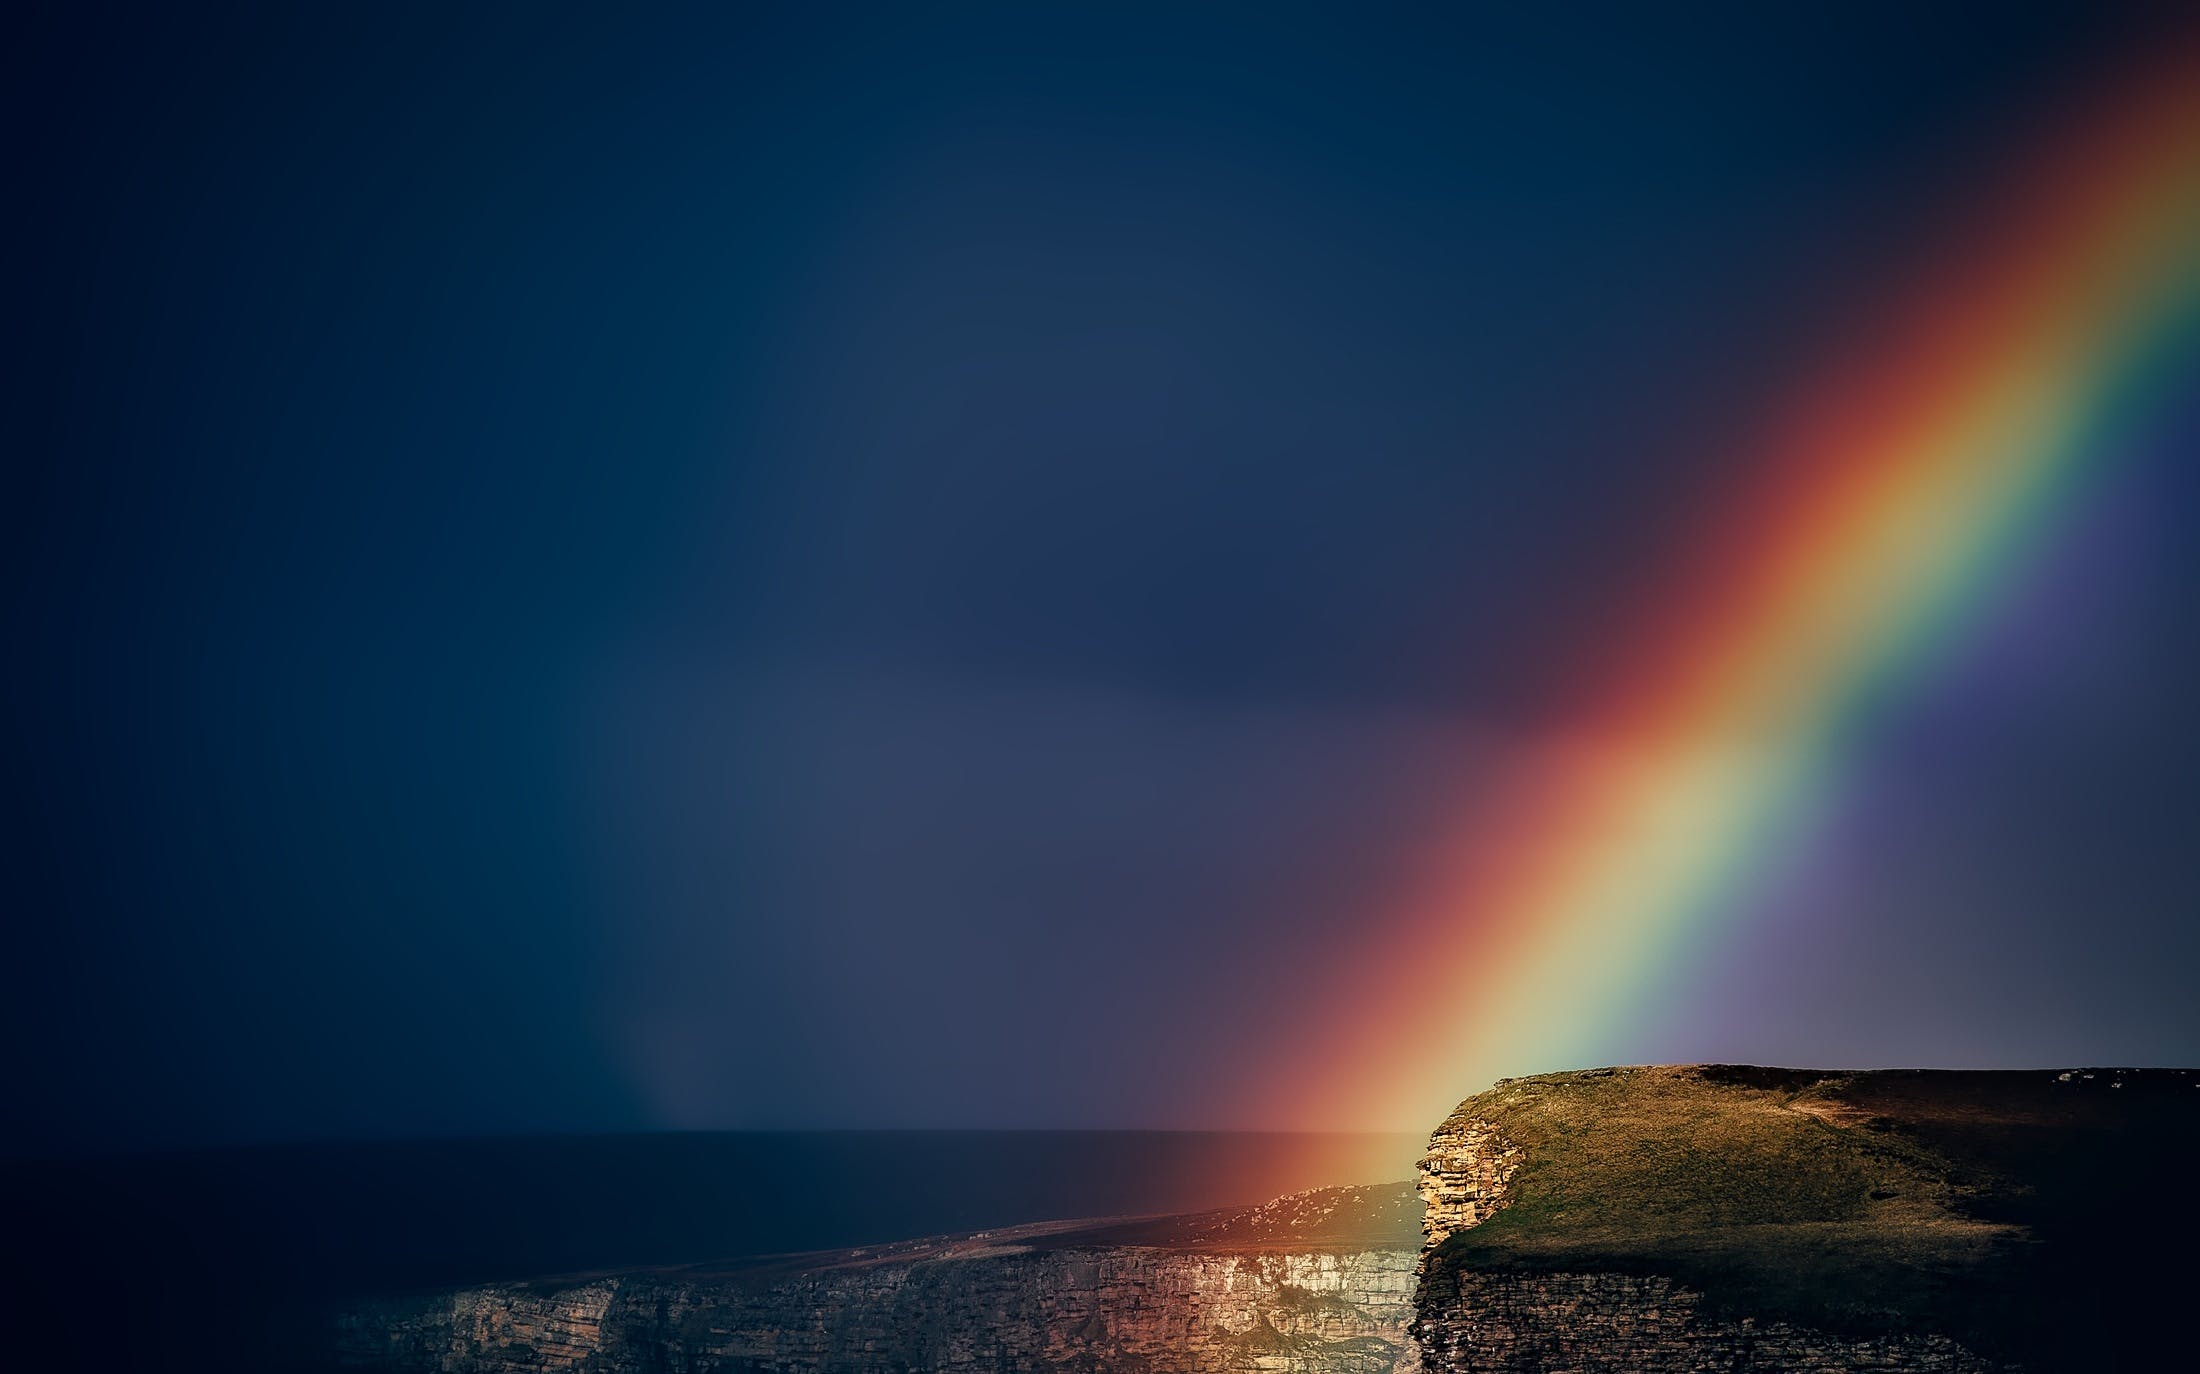 Rainbow After Sunset